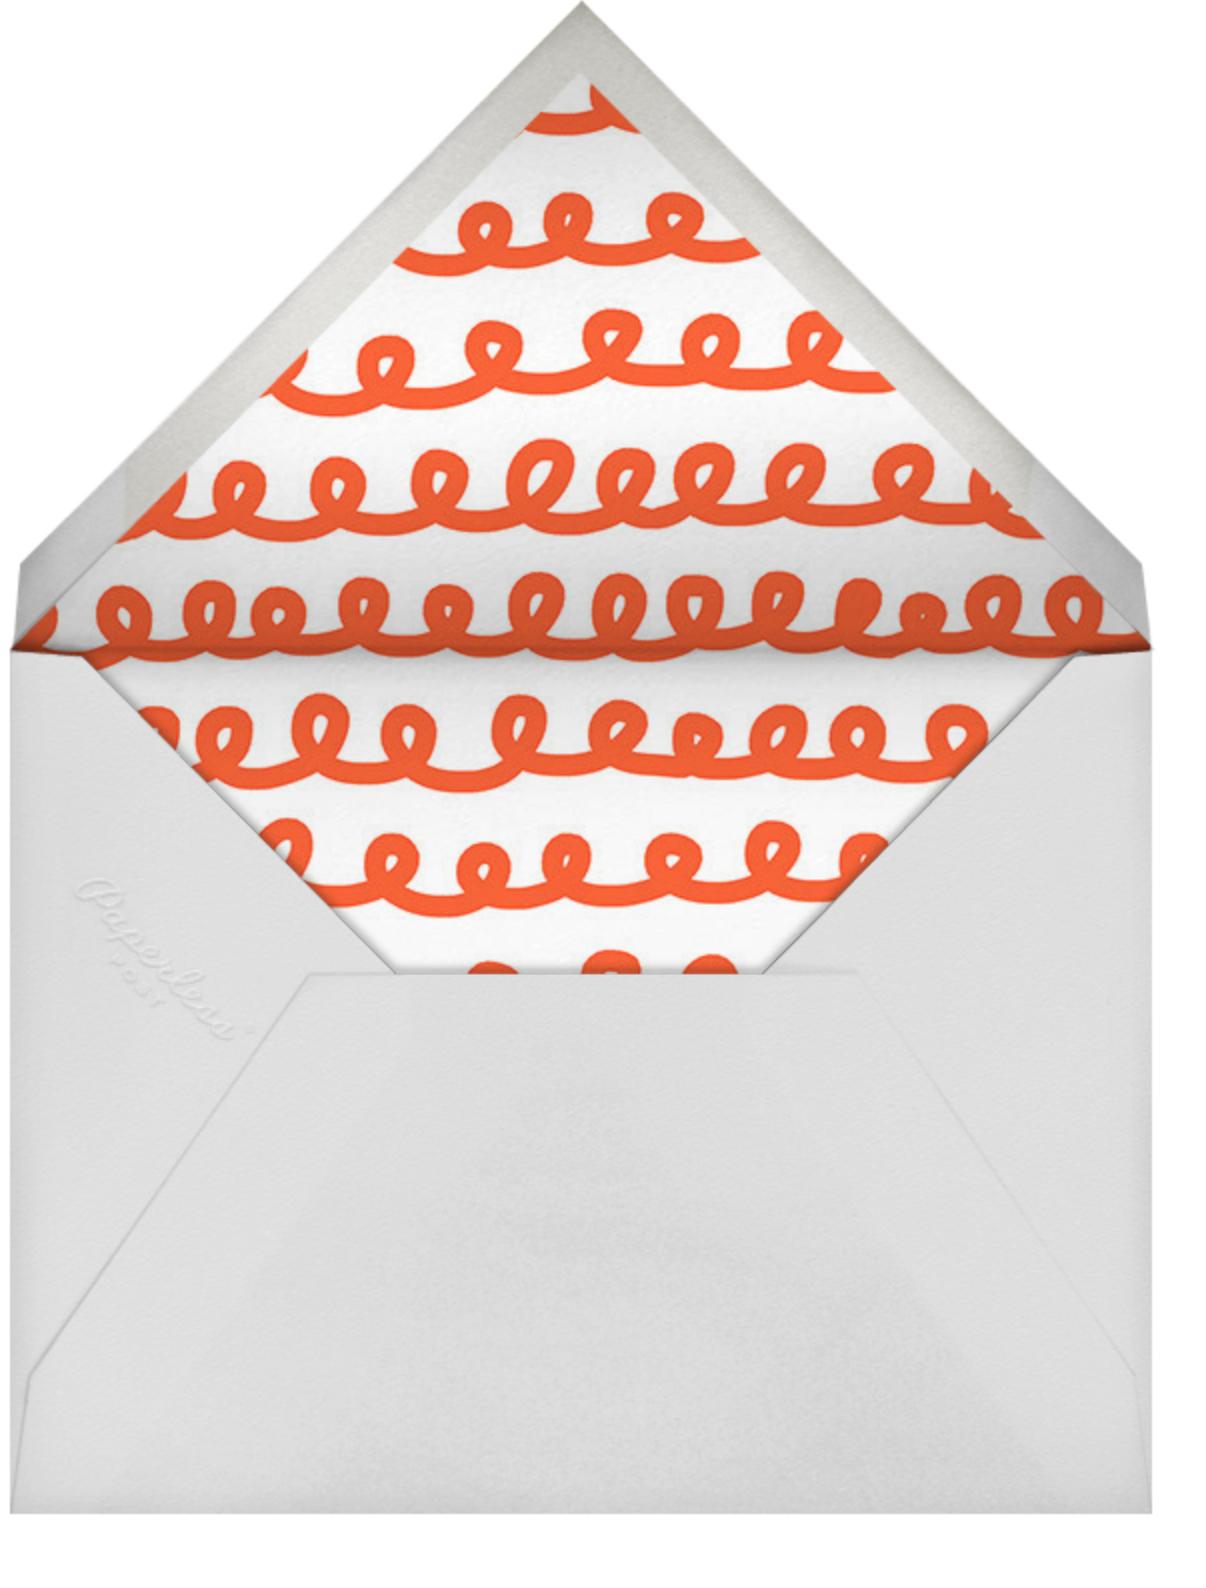 Ho Ho Ho Photo - The Indigo Bunting - Christmas - envelope back